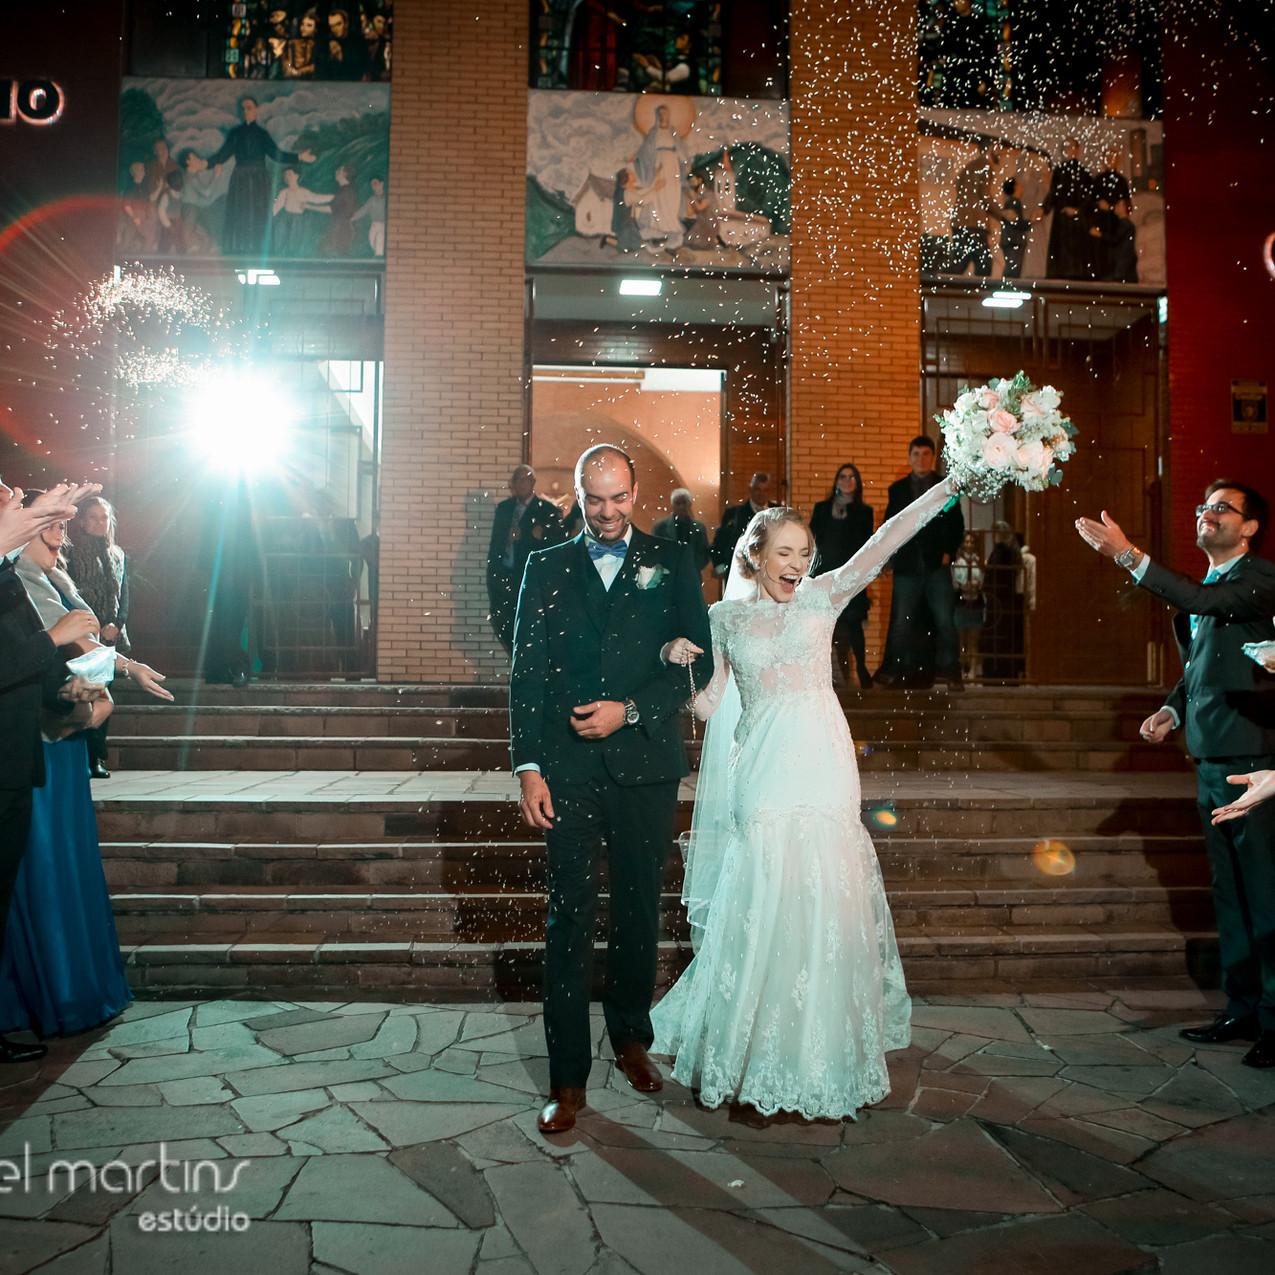 BeR-0673-fotografo-casamento-wedding-gotadagua-rustico-brunaeraul-boho-diy-portoalegre-daniel-martins